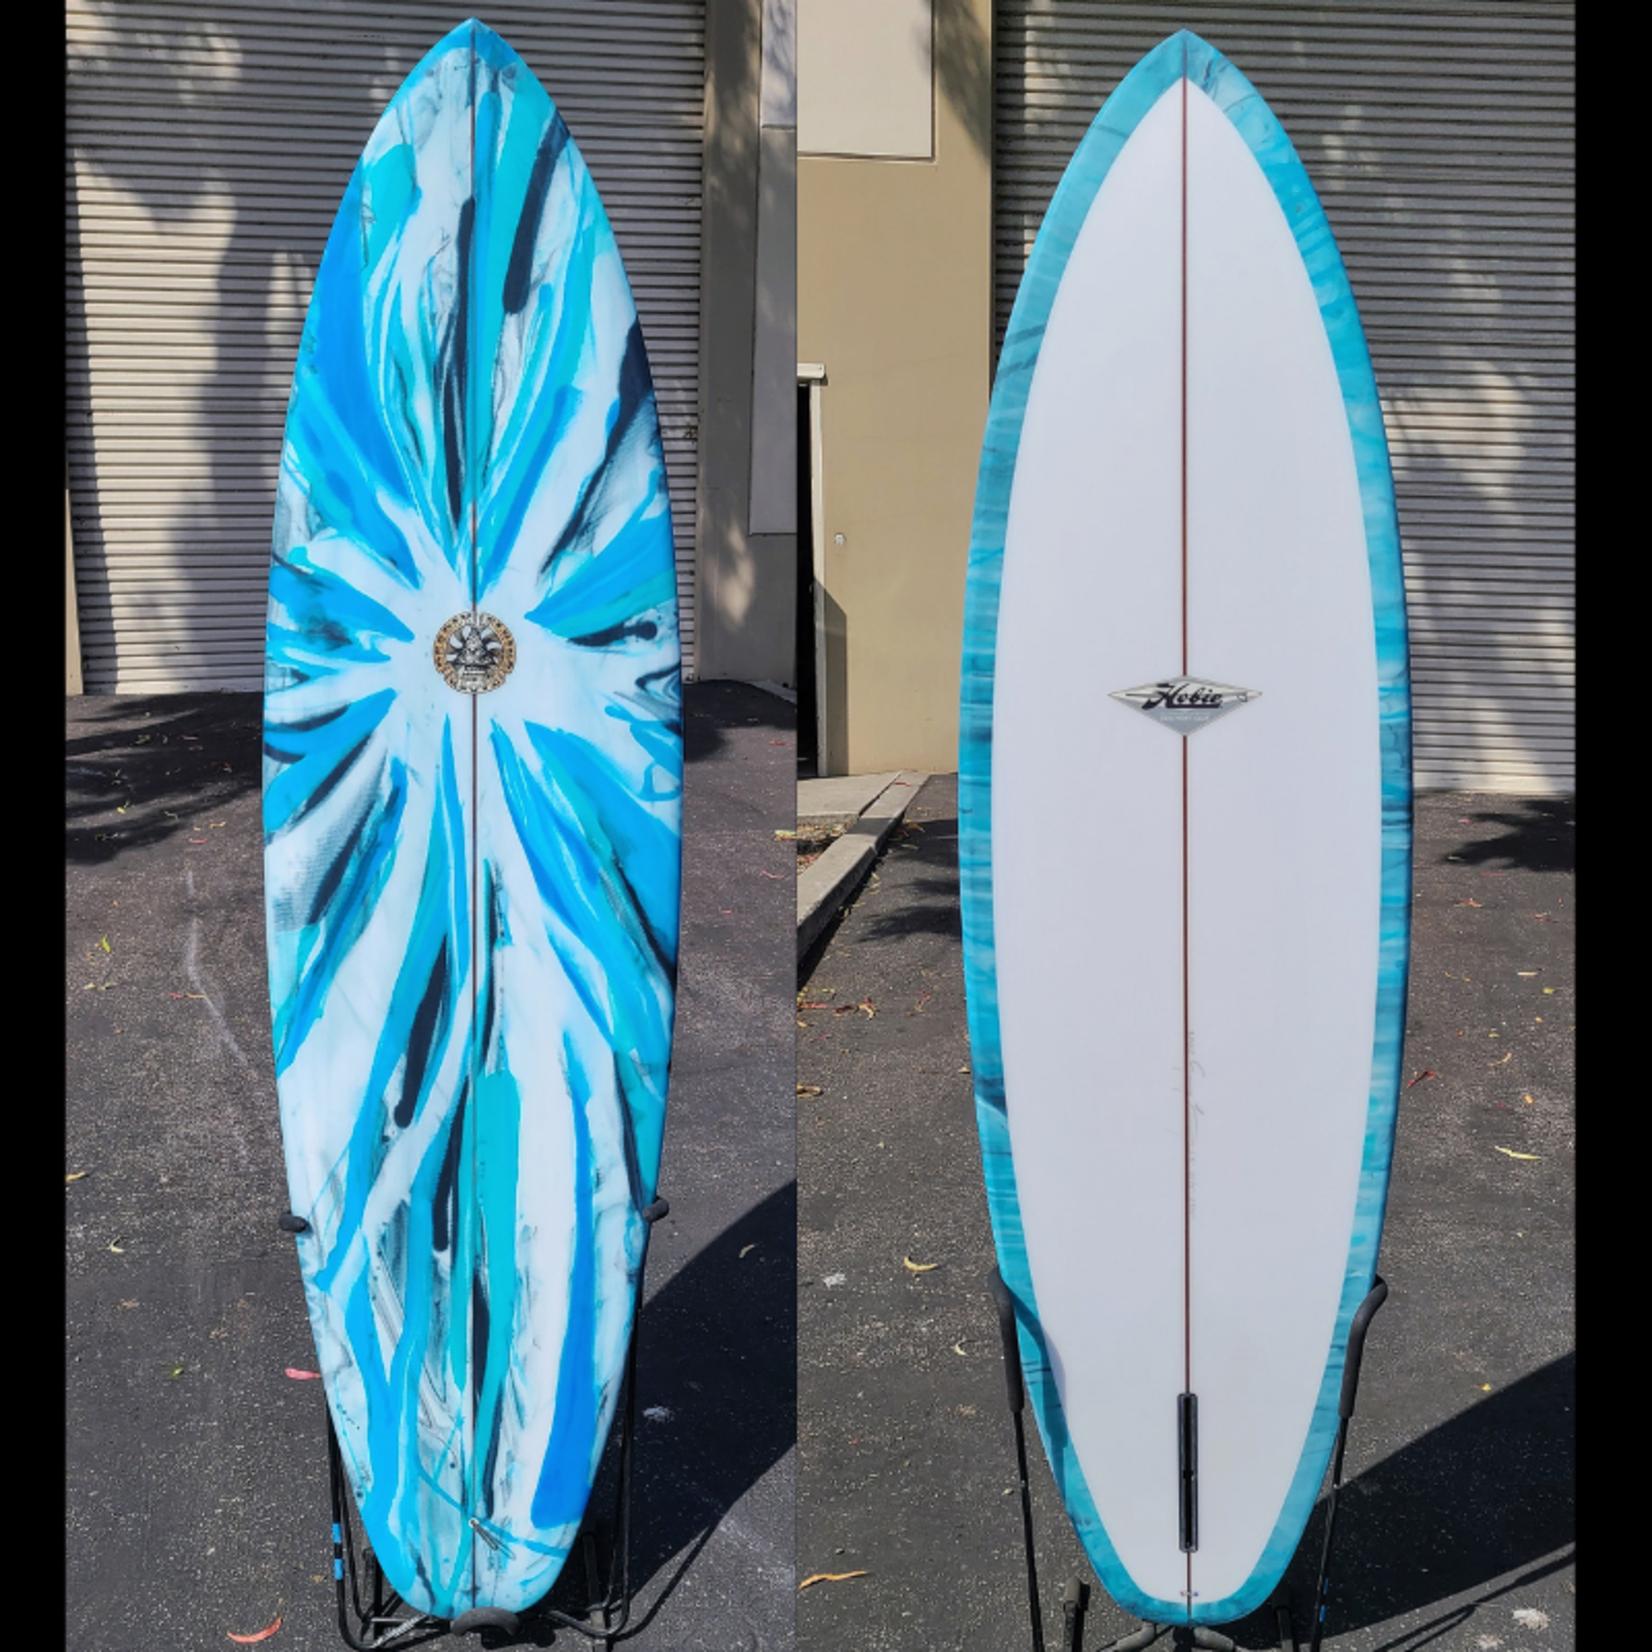 Hobie Surfboards Hobie Deadly Flying Glove 6'8 Coming April 23